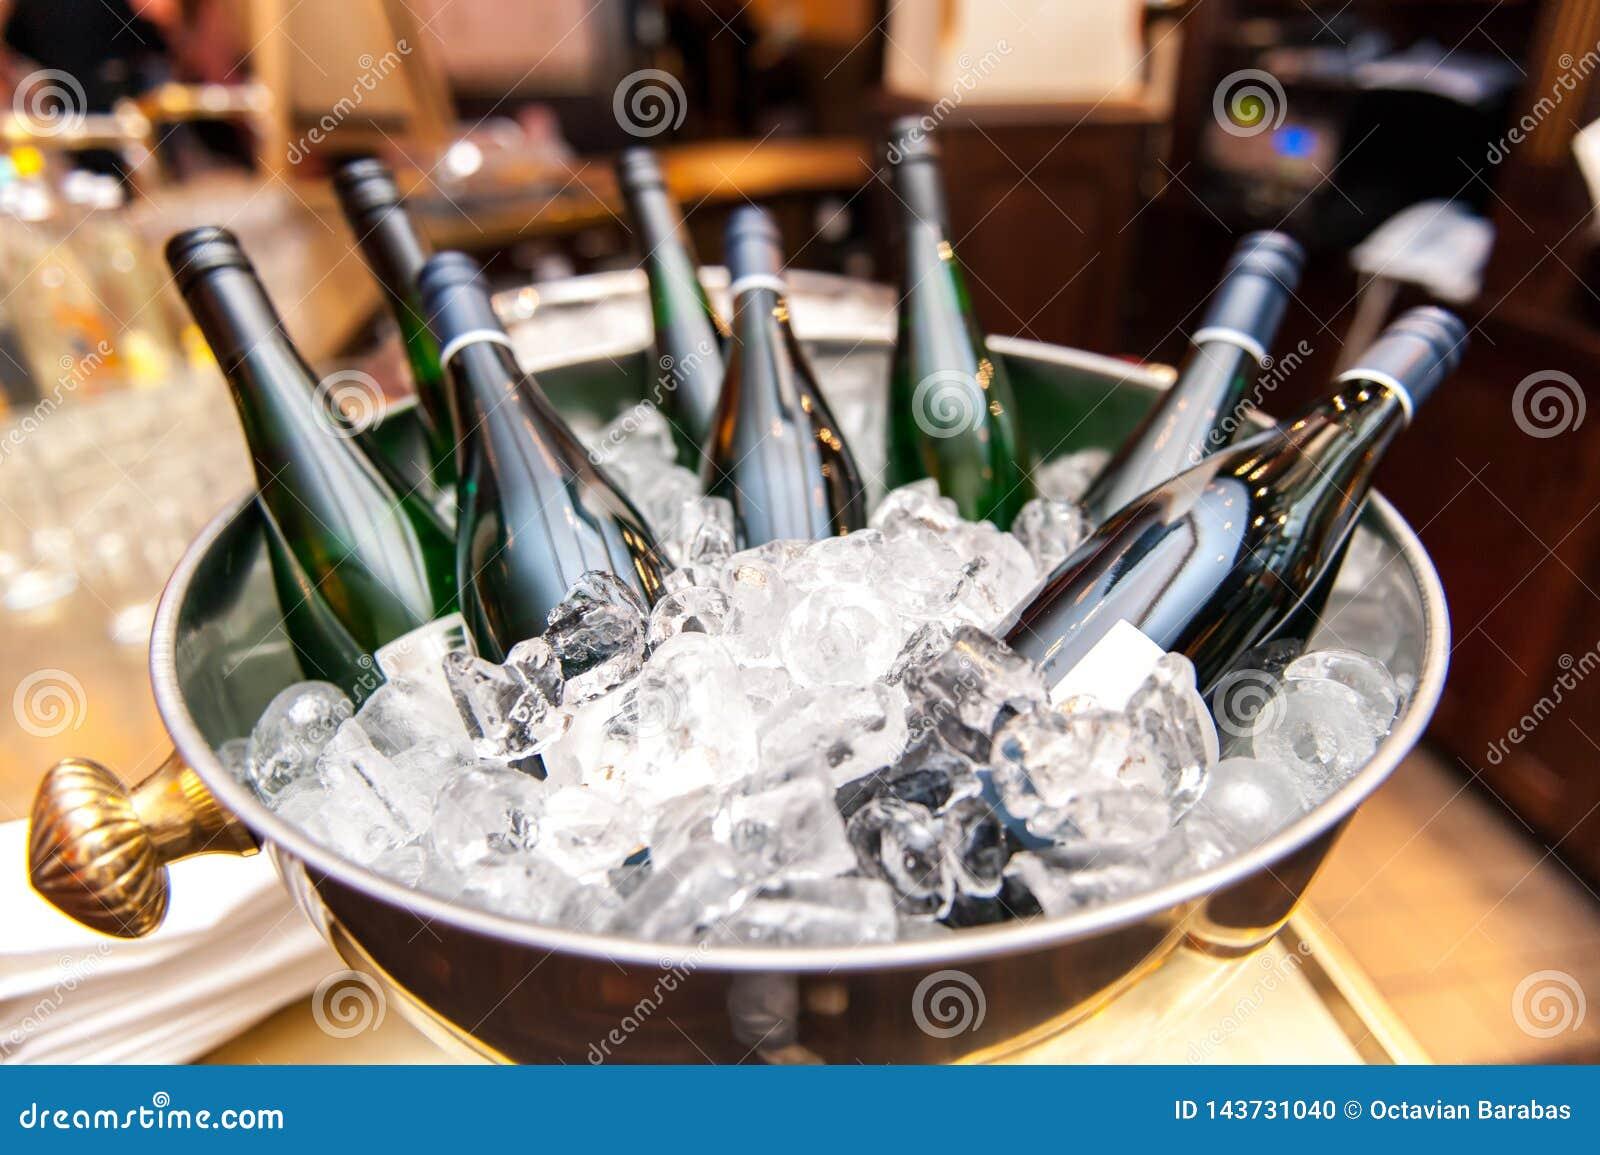 Botellas del vino blanco en el cuenco de hielo